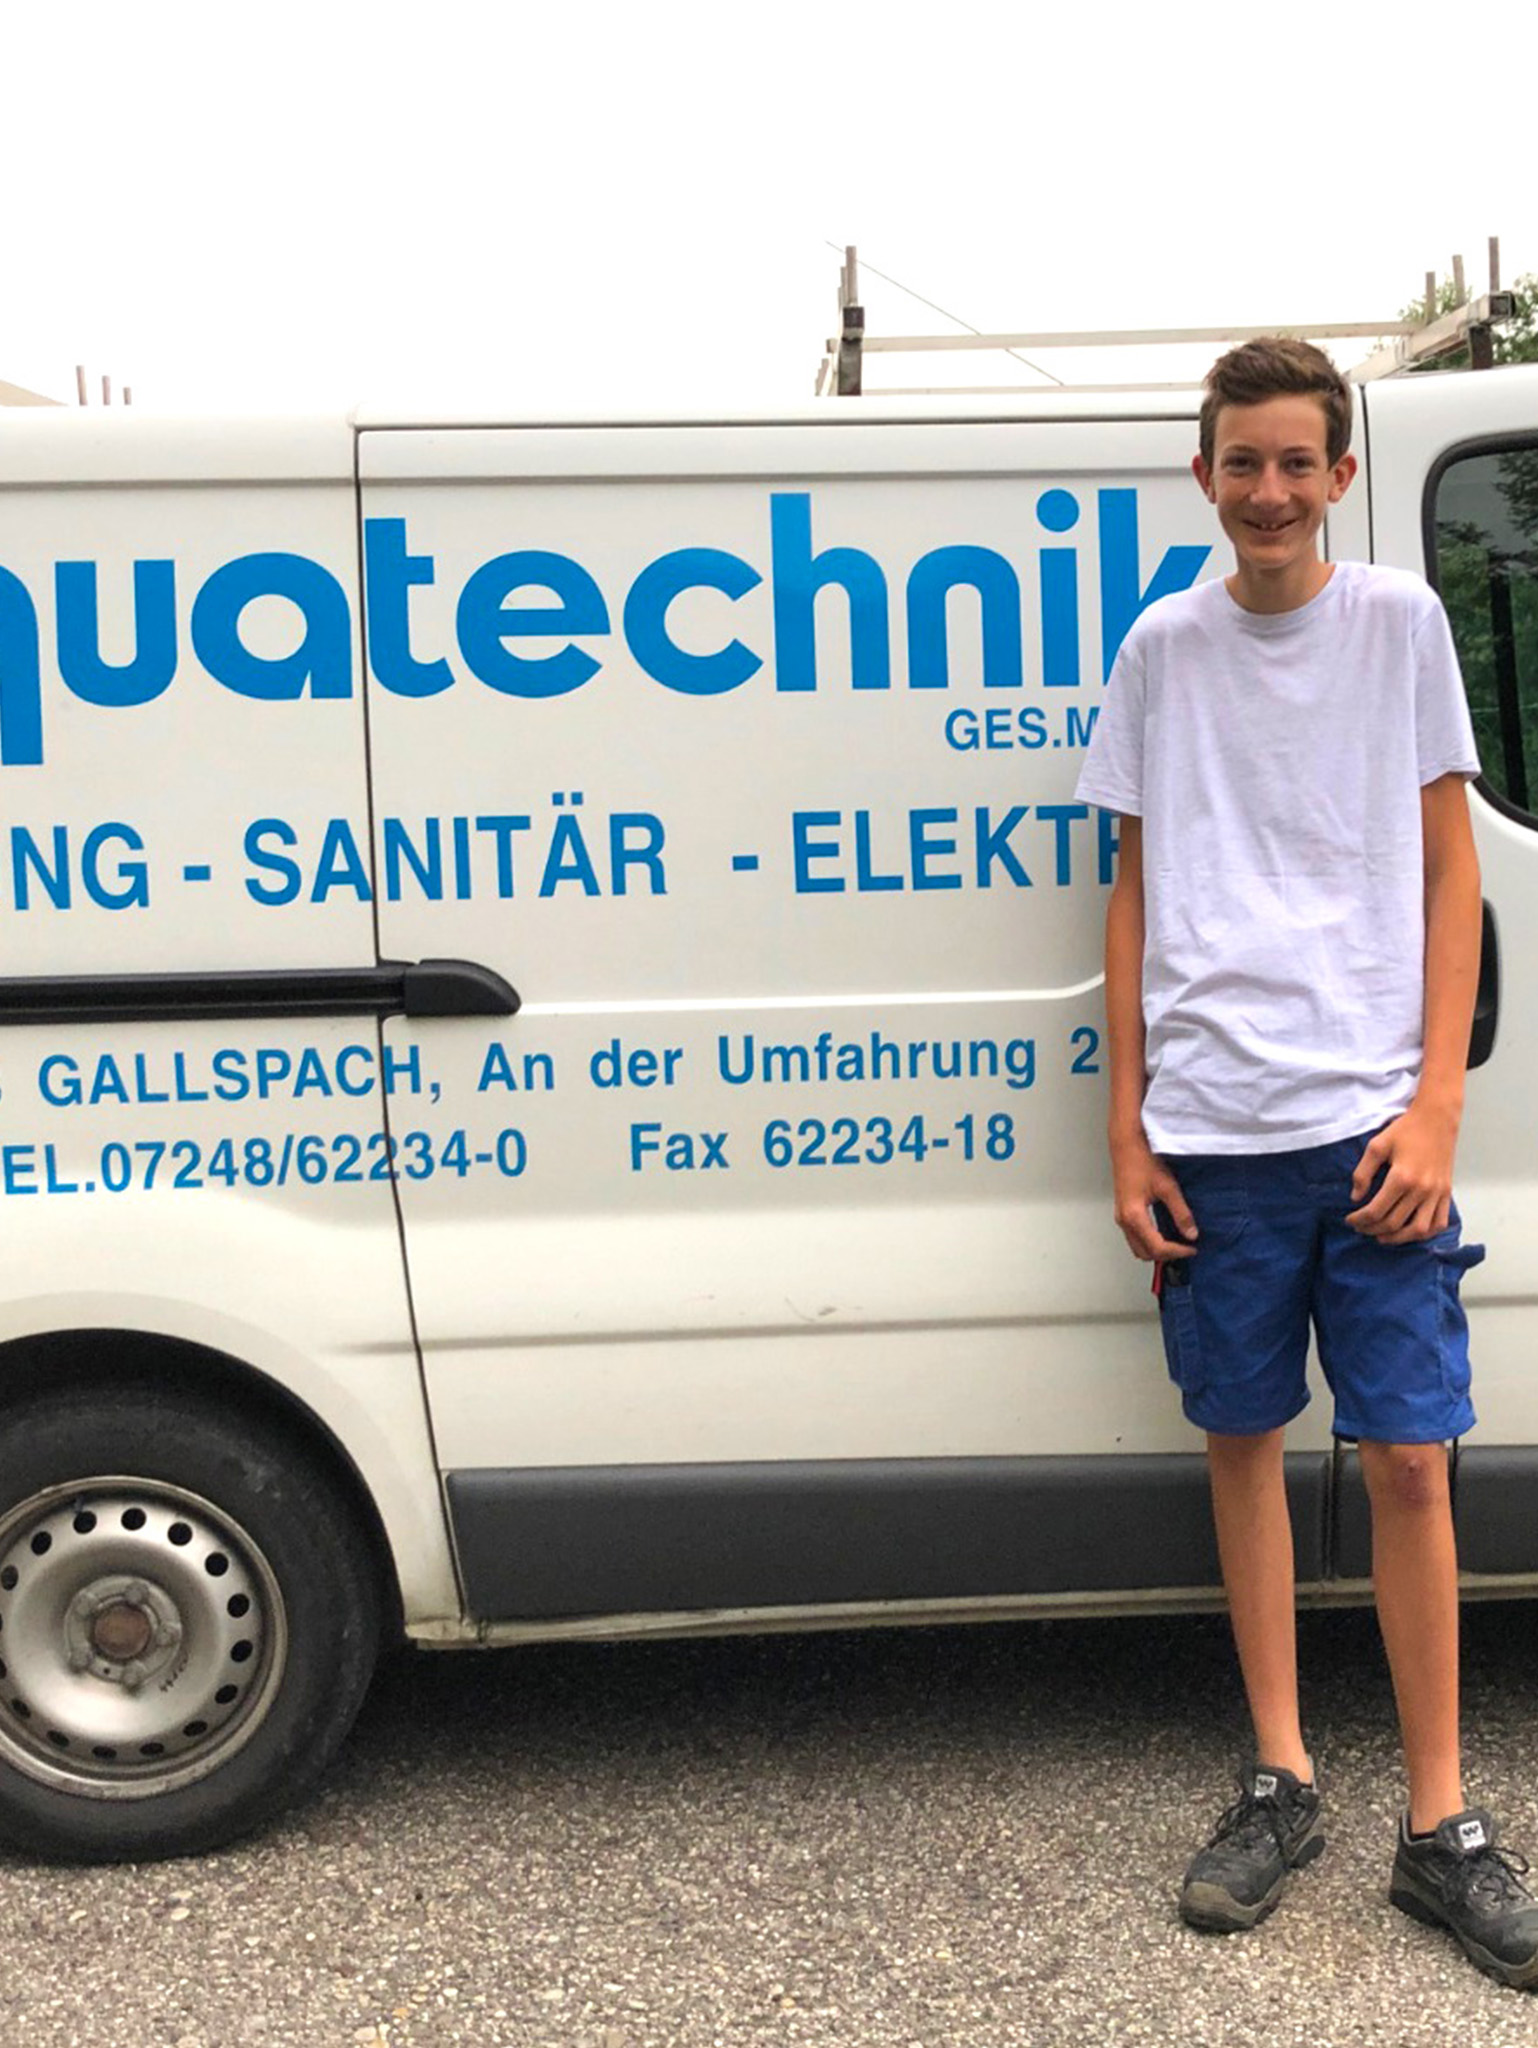 aquatechnik lehrling david wimberger